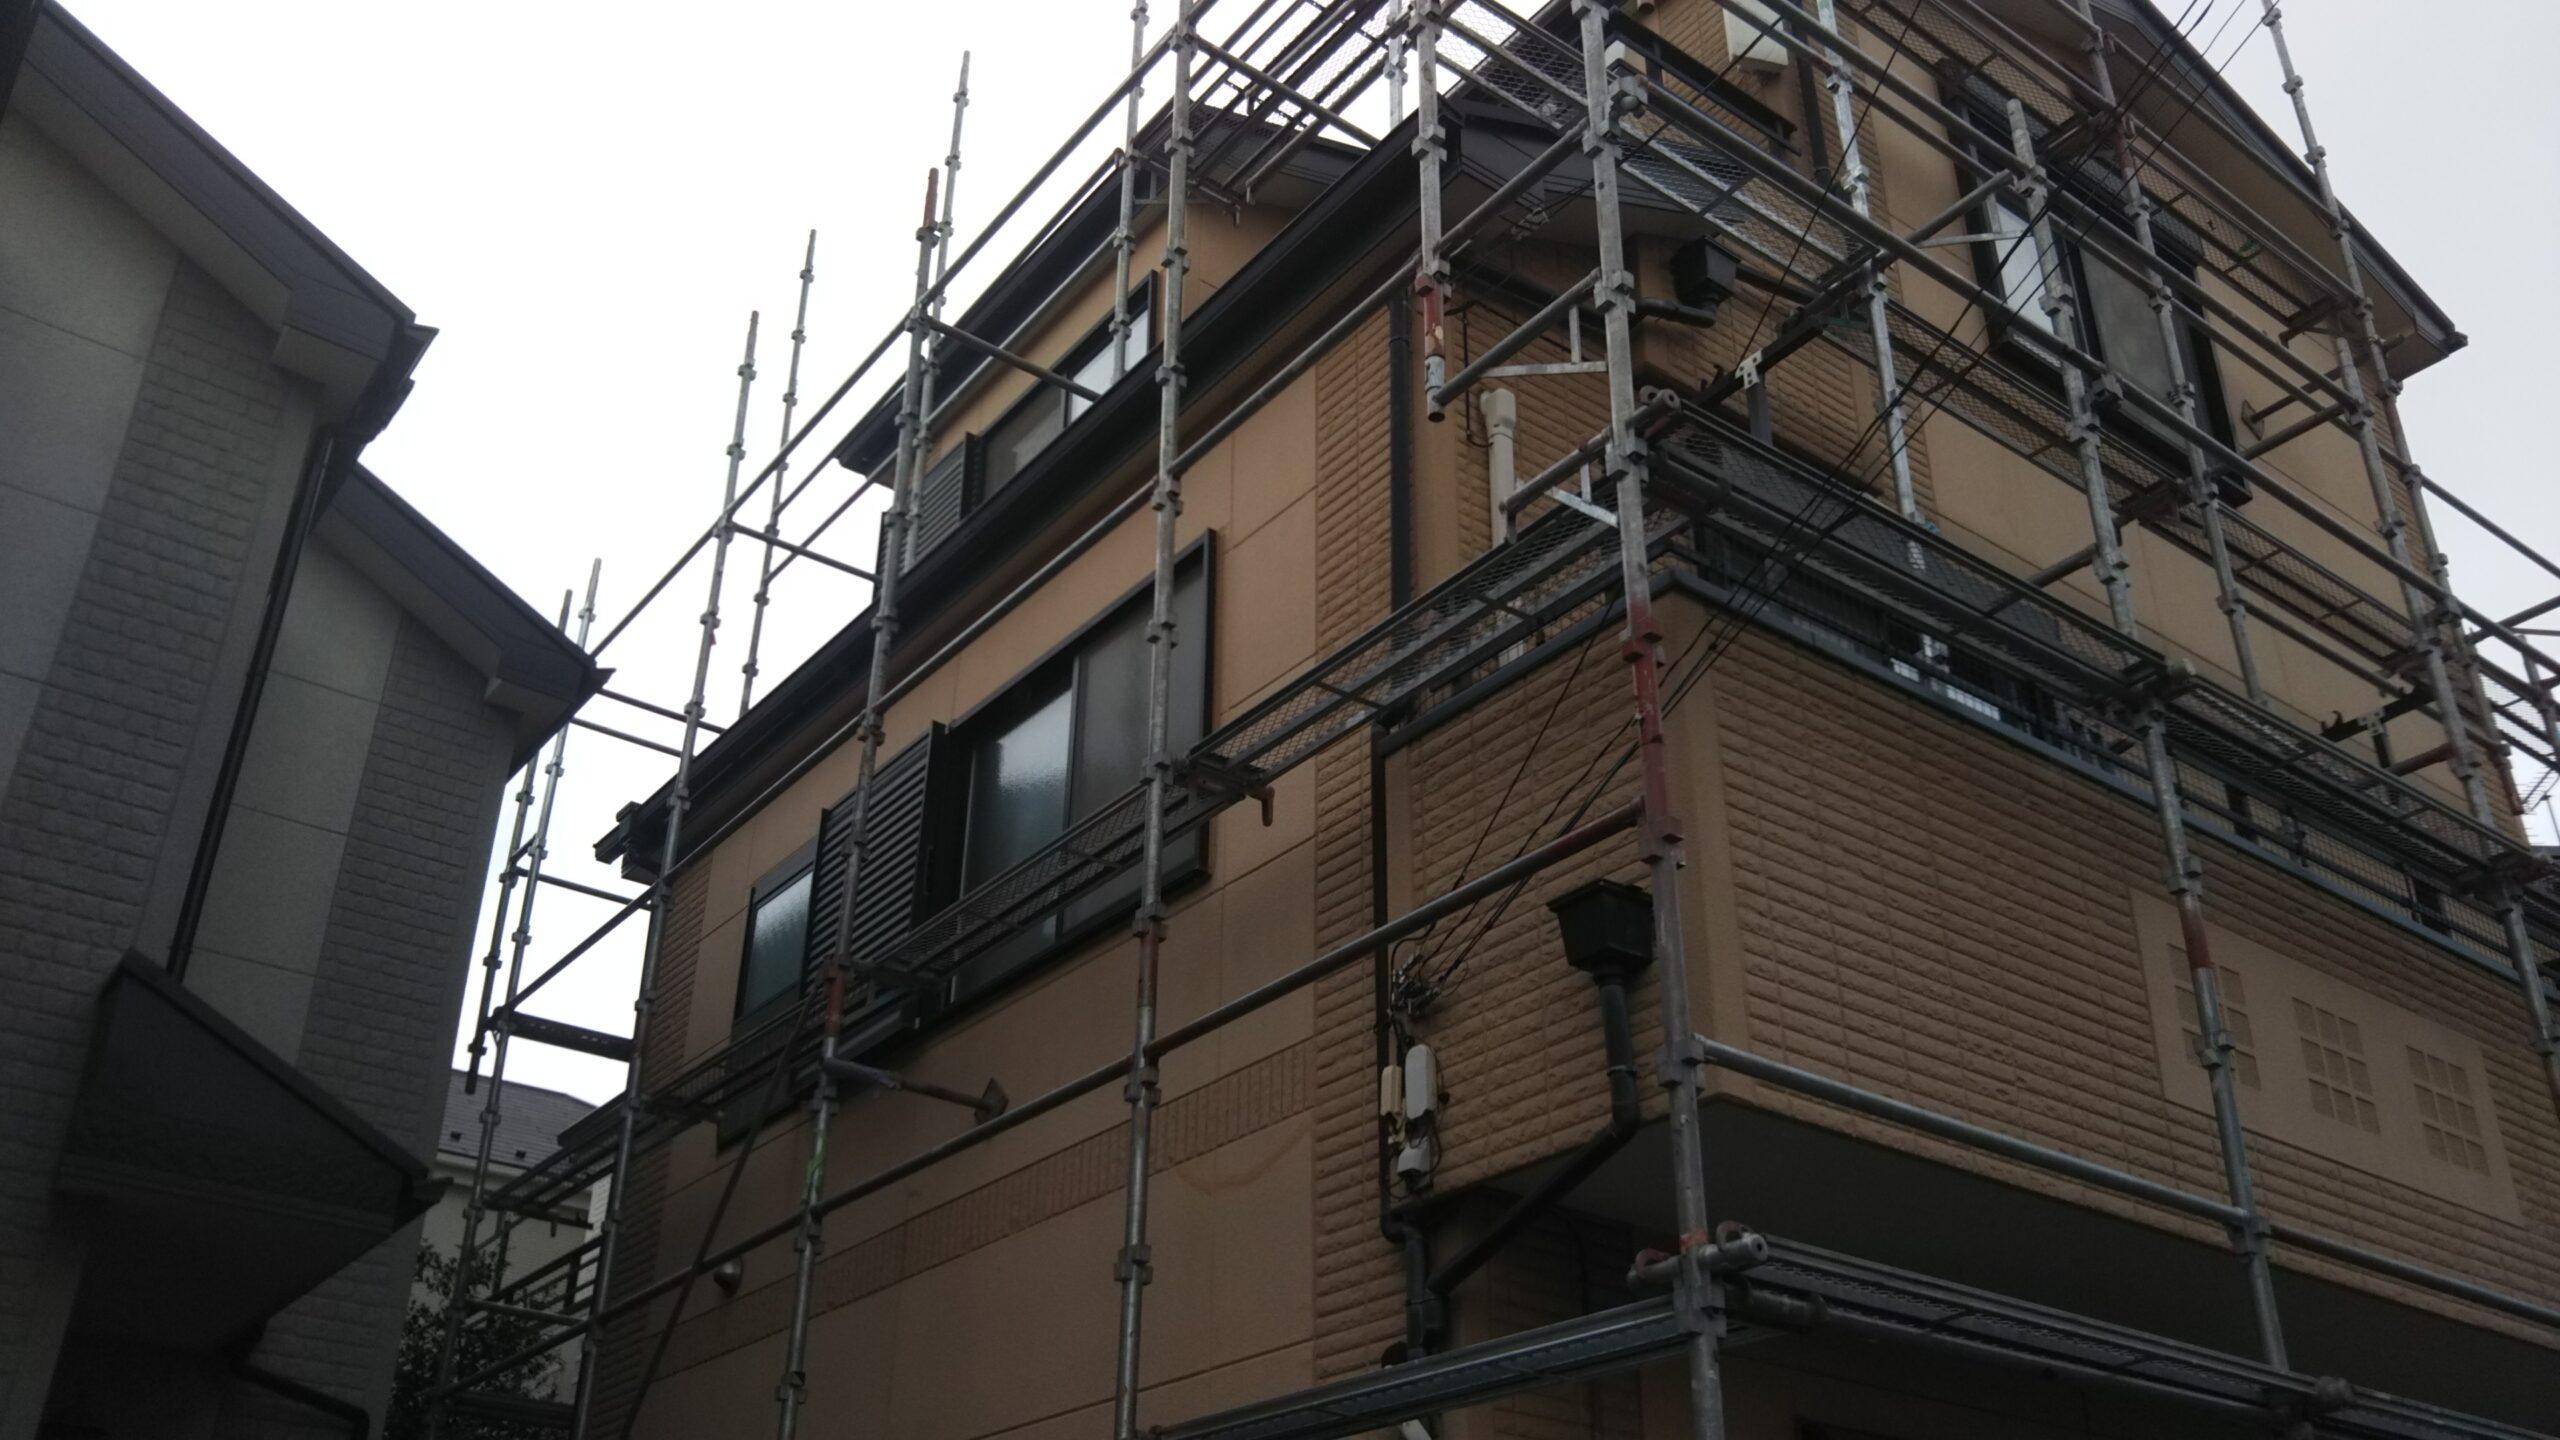 埼玉県さいたま市中央区の(木造3階建て)A様邸にて外壁の高圧洗浄作業